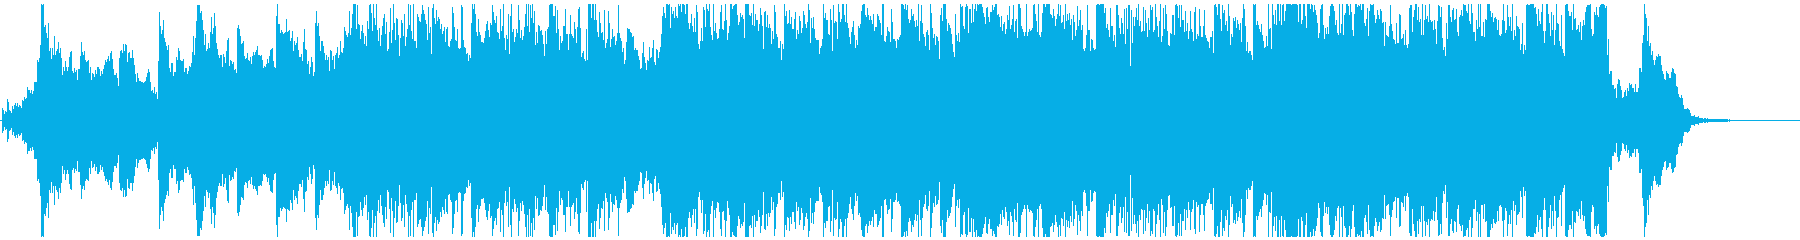 シネマティックな雄大で美しい曲 ショートの再生済みの波形